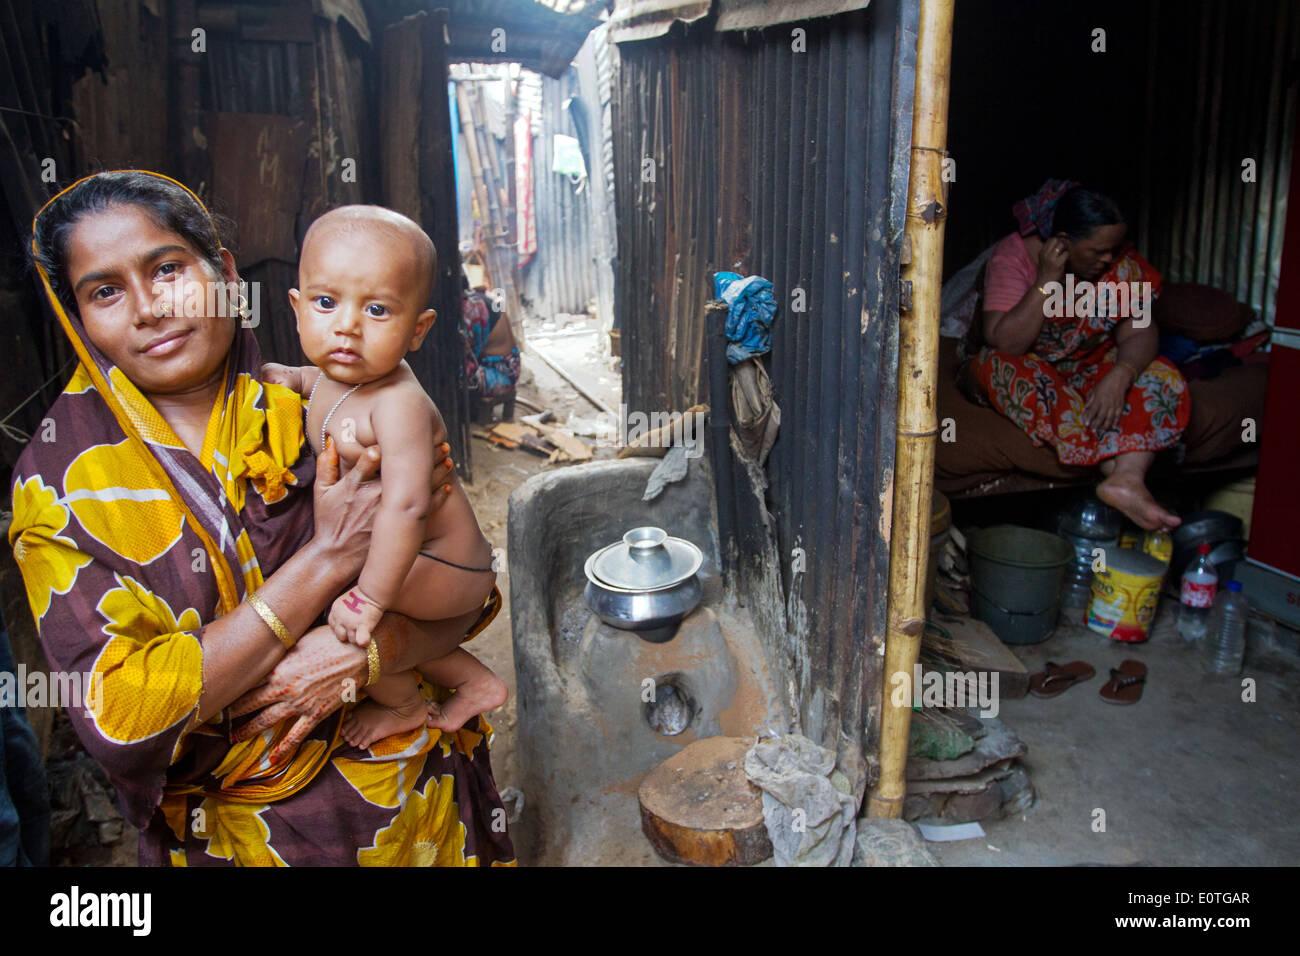 Les gens du Bangladesh dans les bidonvilles de Dhaka partie vivant dans l'extrême pauvreté. Photo Stock